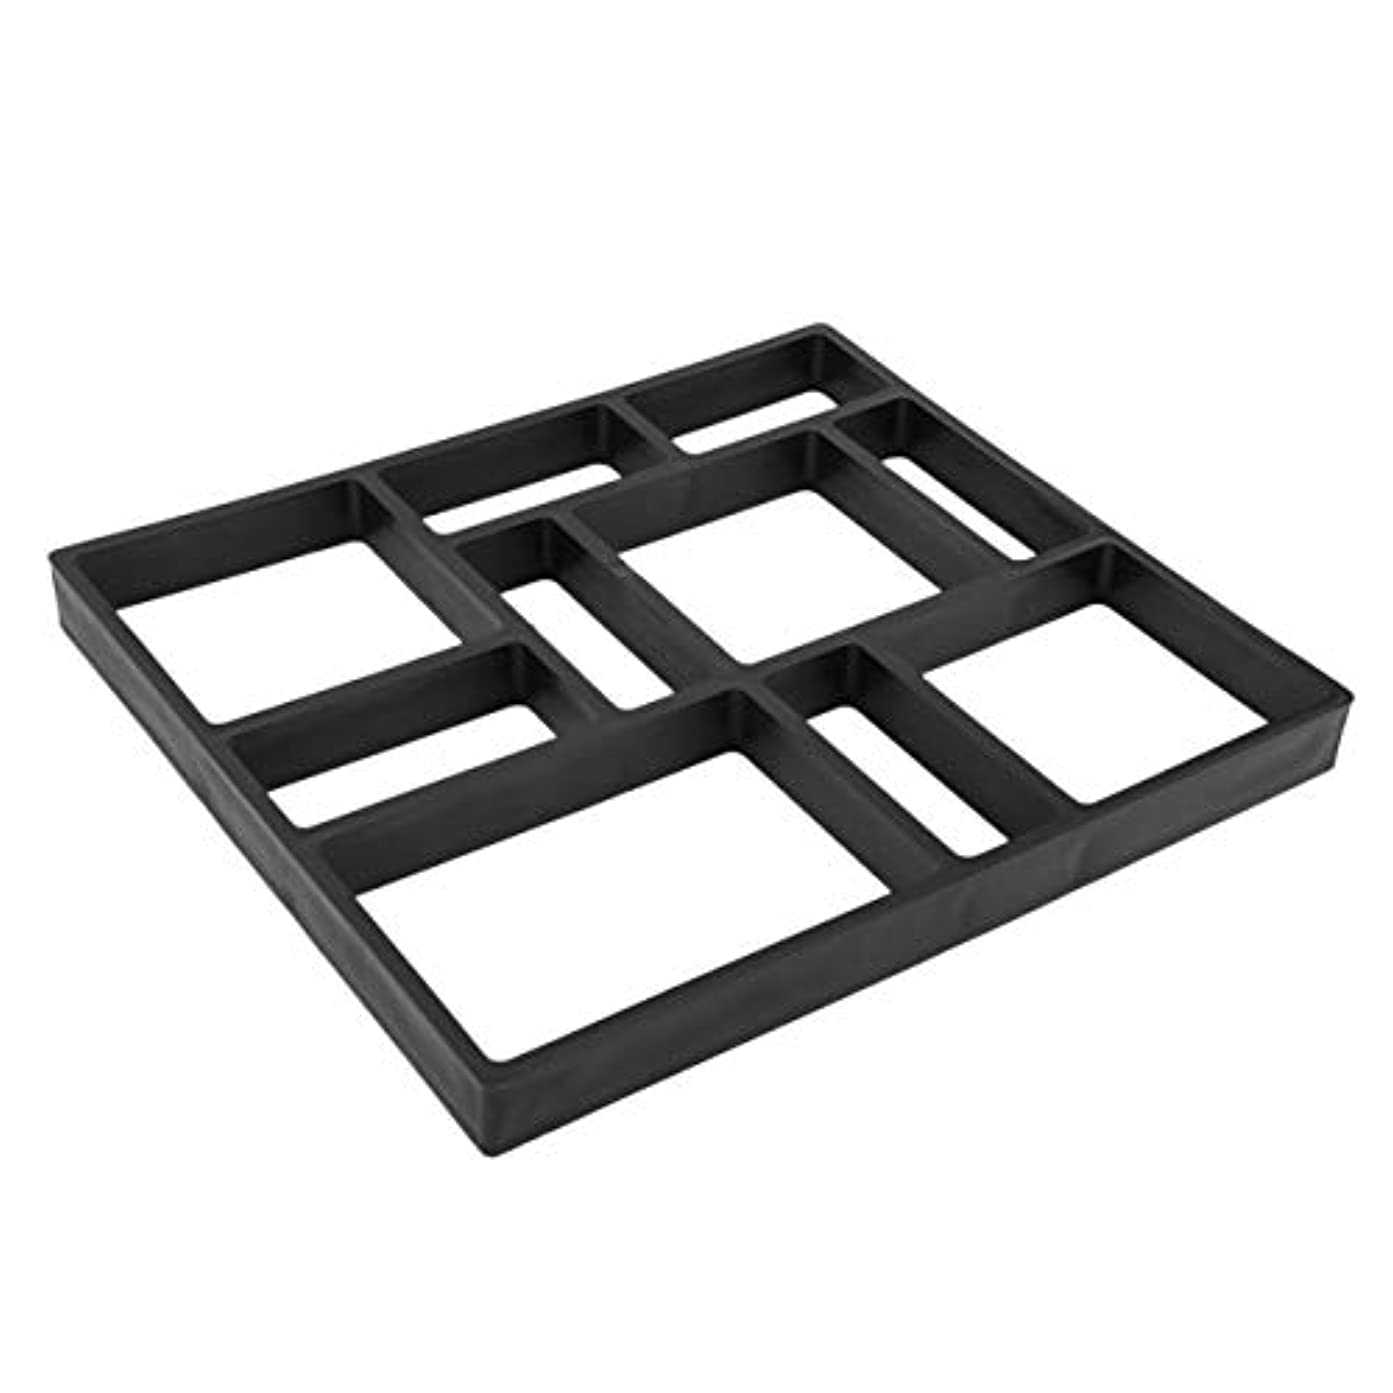 血腹部義務付けられたSaikogoods DIY不規則な/矩形パターンパーソナライズされた舗装のコンクリートレンガ石屋外装飾庭パスのメーカー芝生 黒